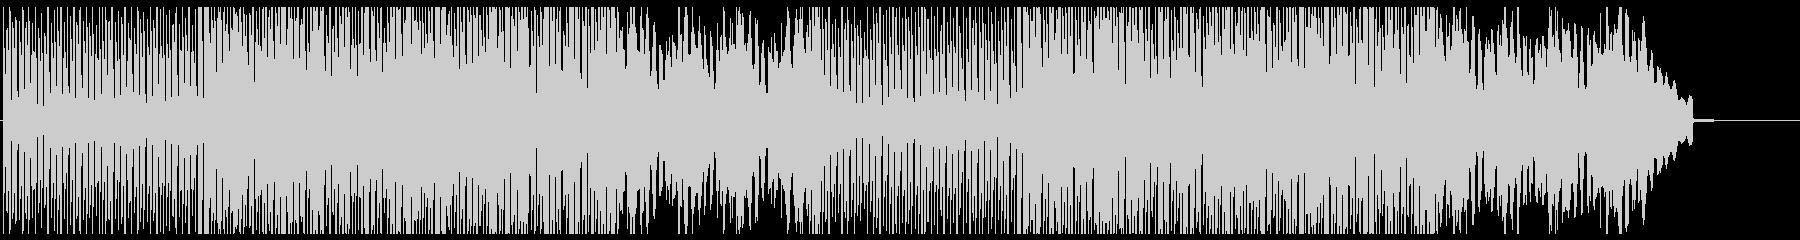 リズミカルでハイテクなユーロビートBGMの未再生の波形